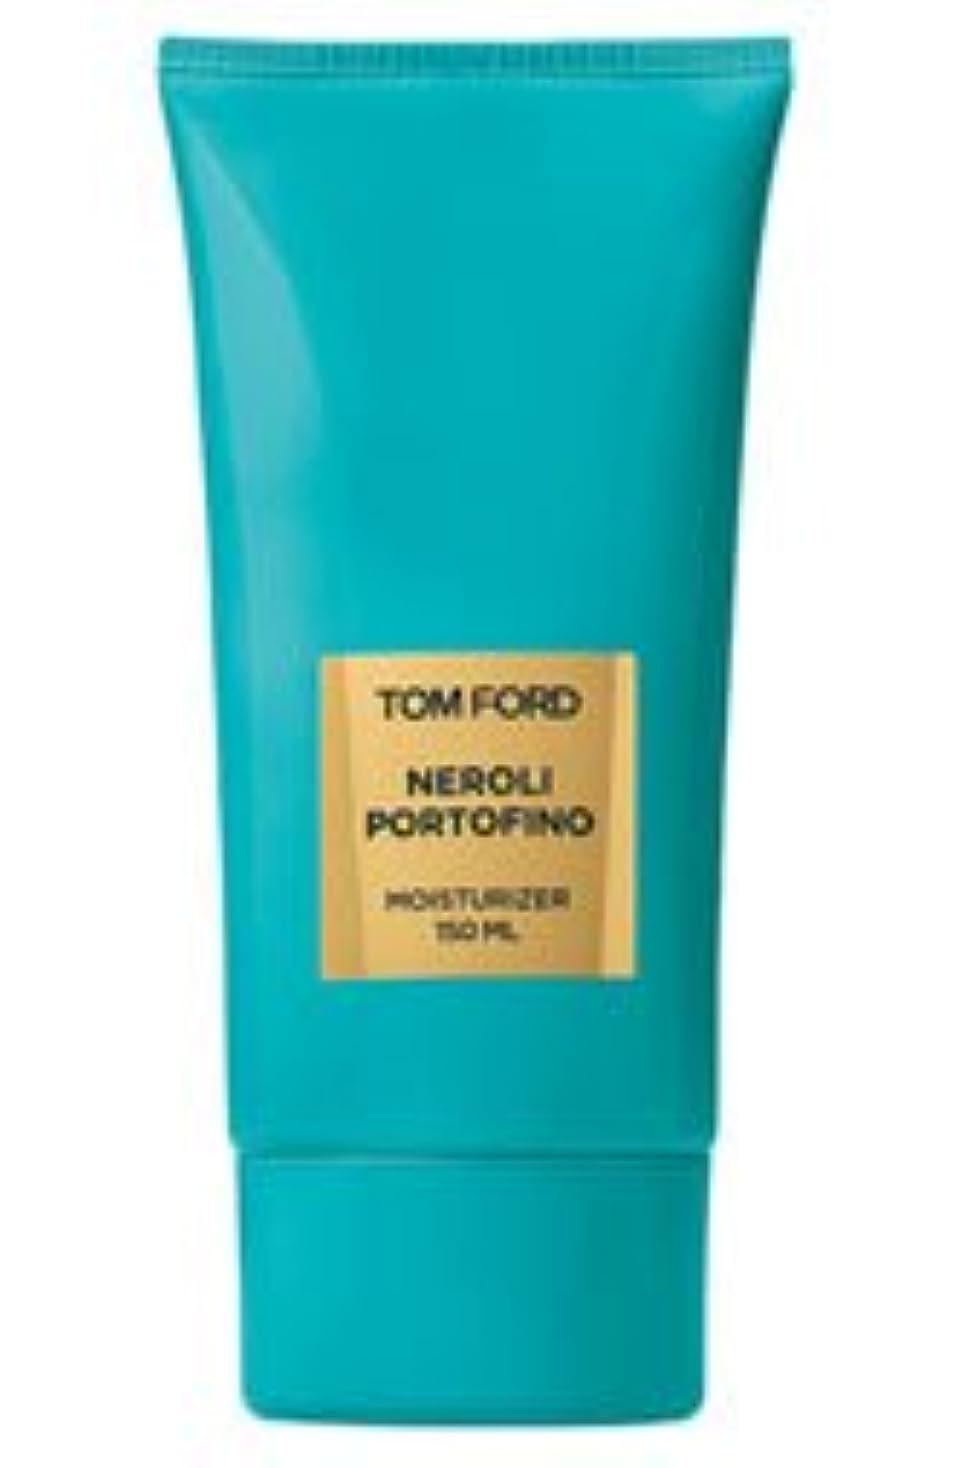 限定歌瀬戸際Tom Ford Private Blend 'Neroli Portofino' (トムフォード プライベートブレンド ネロリポートフィーノ) 5.0 oz (150ml) Body Moisturizer for Unisex